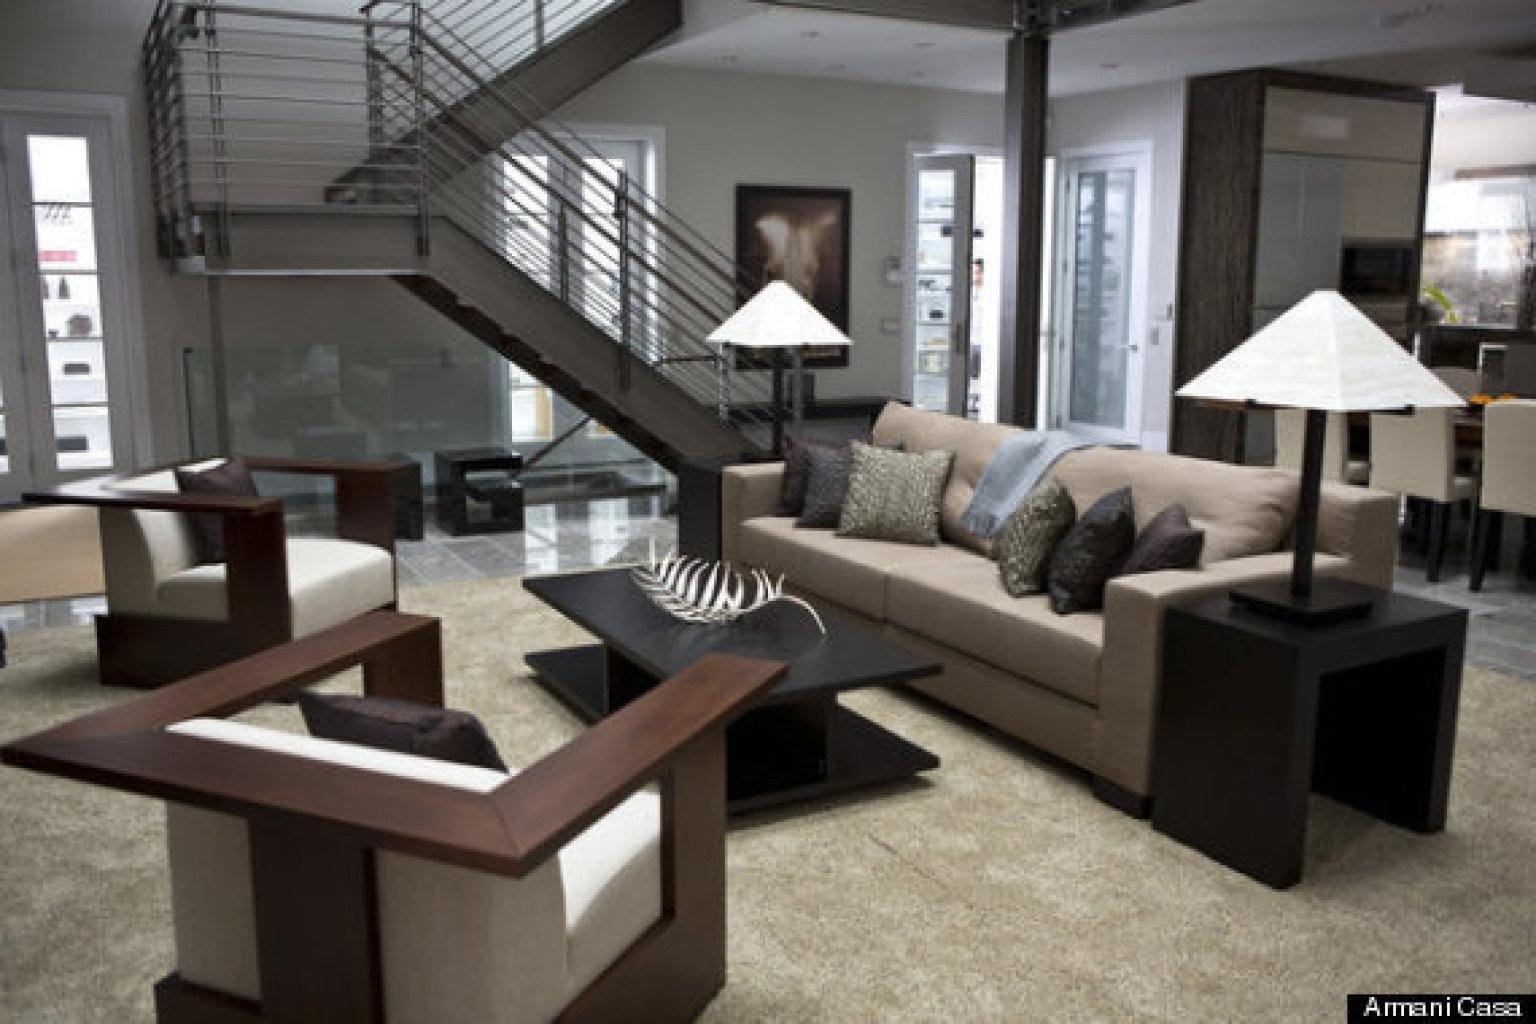 Armani/Casa, Giorgio Armani's Decor Line, To Be Featured